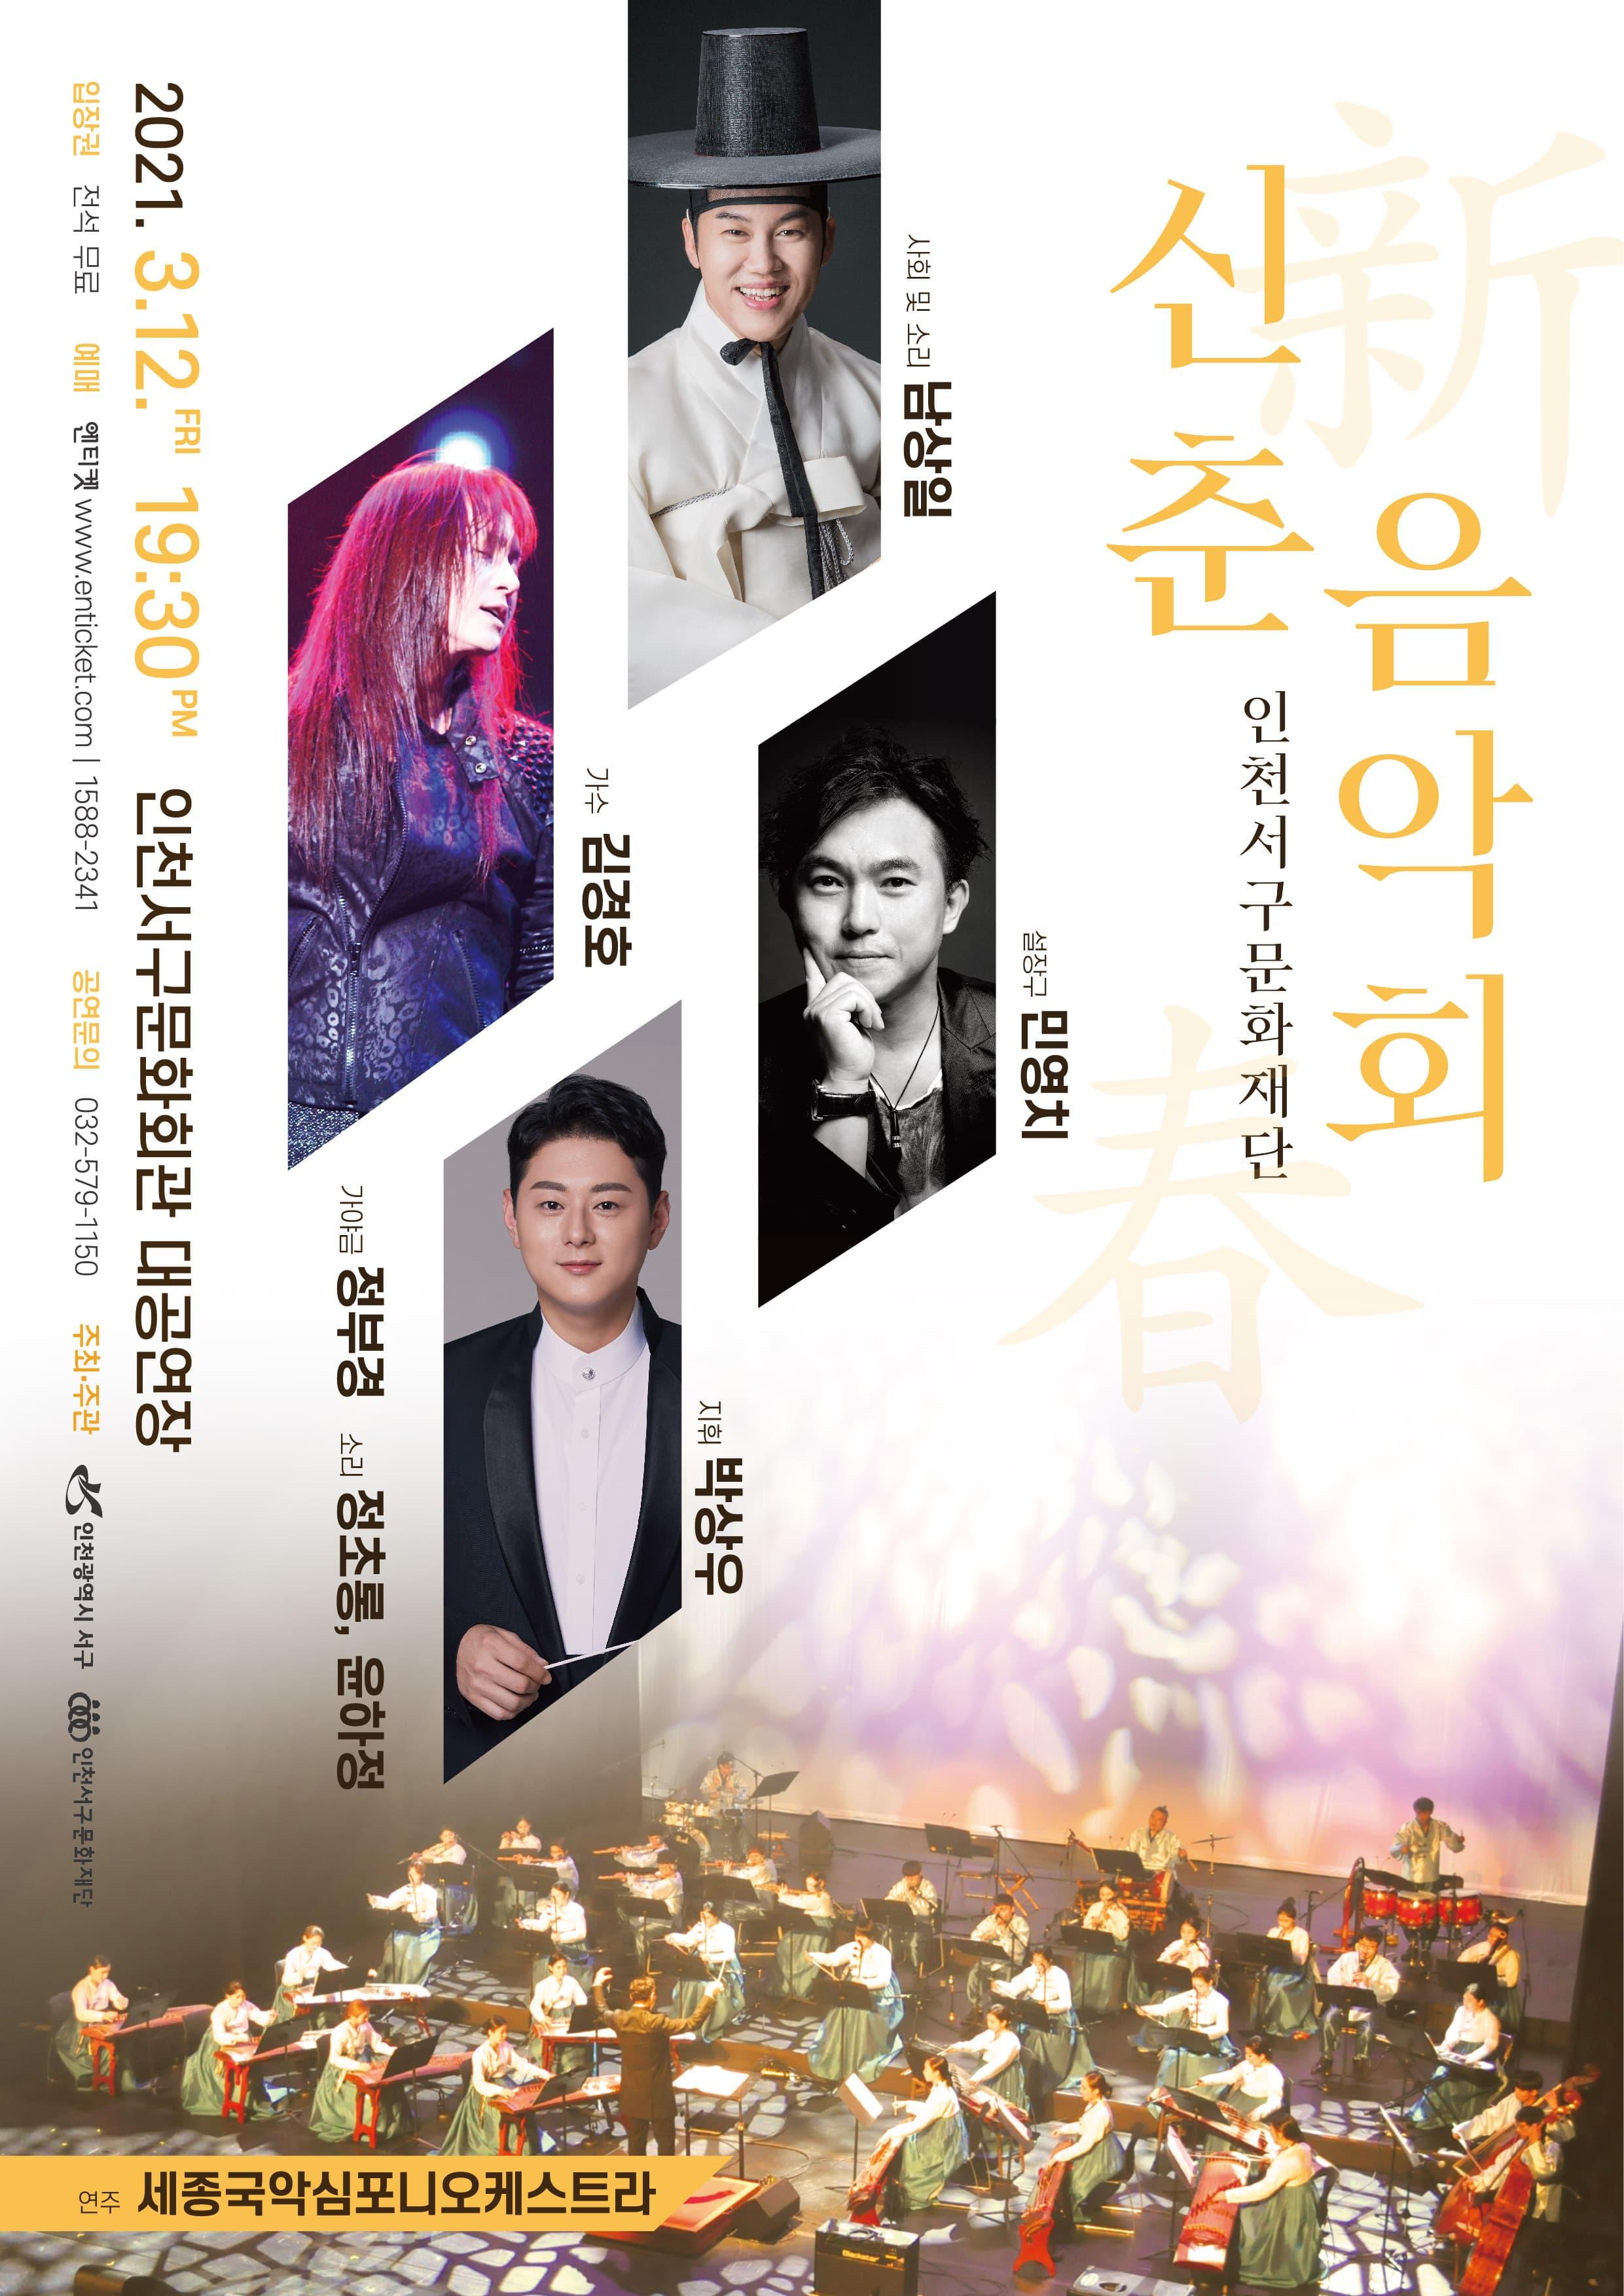 인천서구문화재단 「신춘음악회」